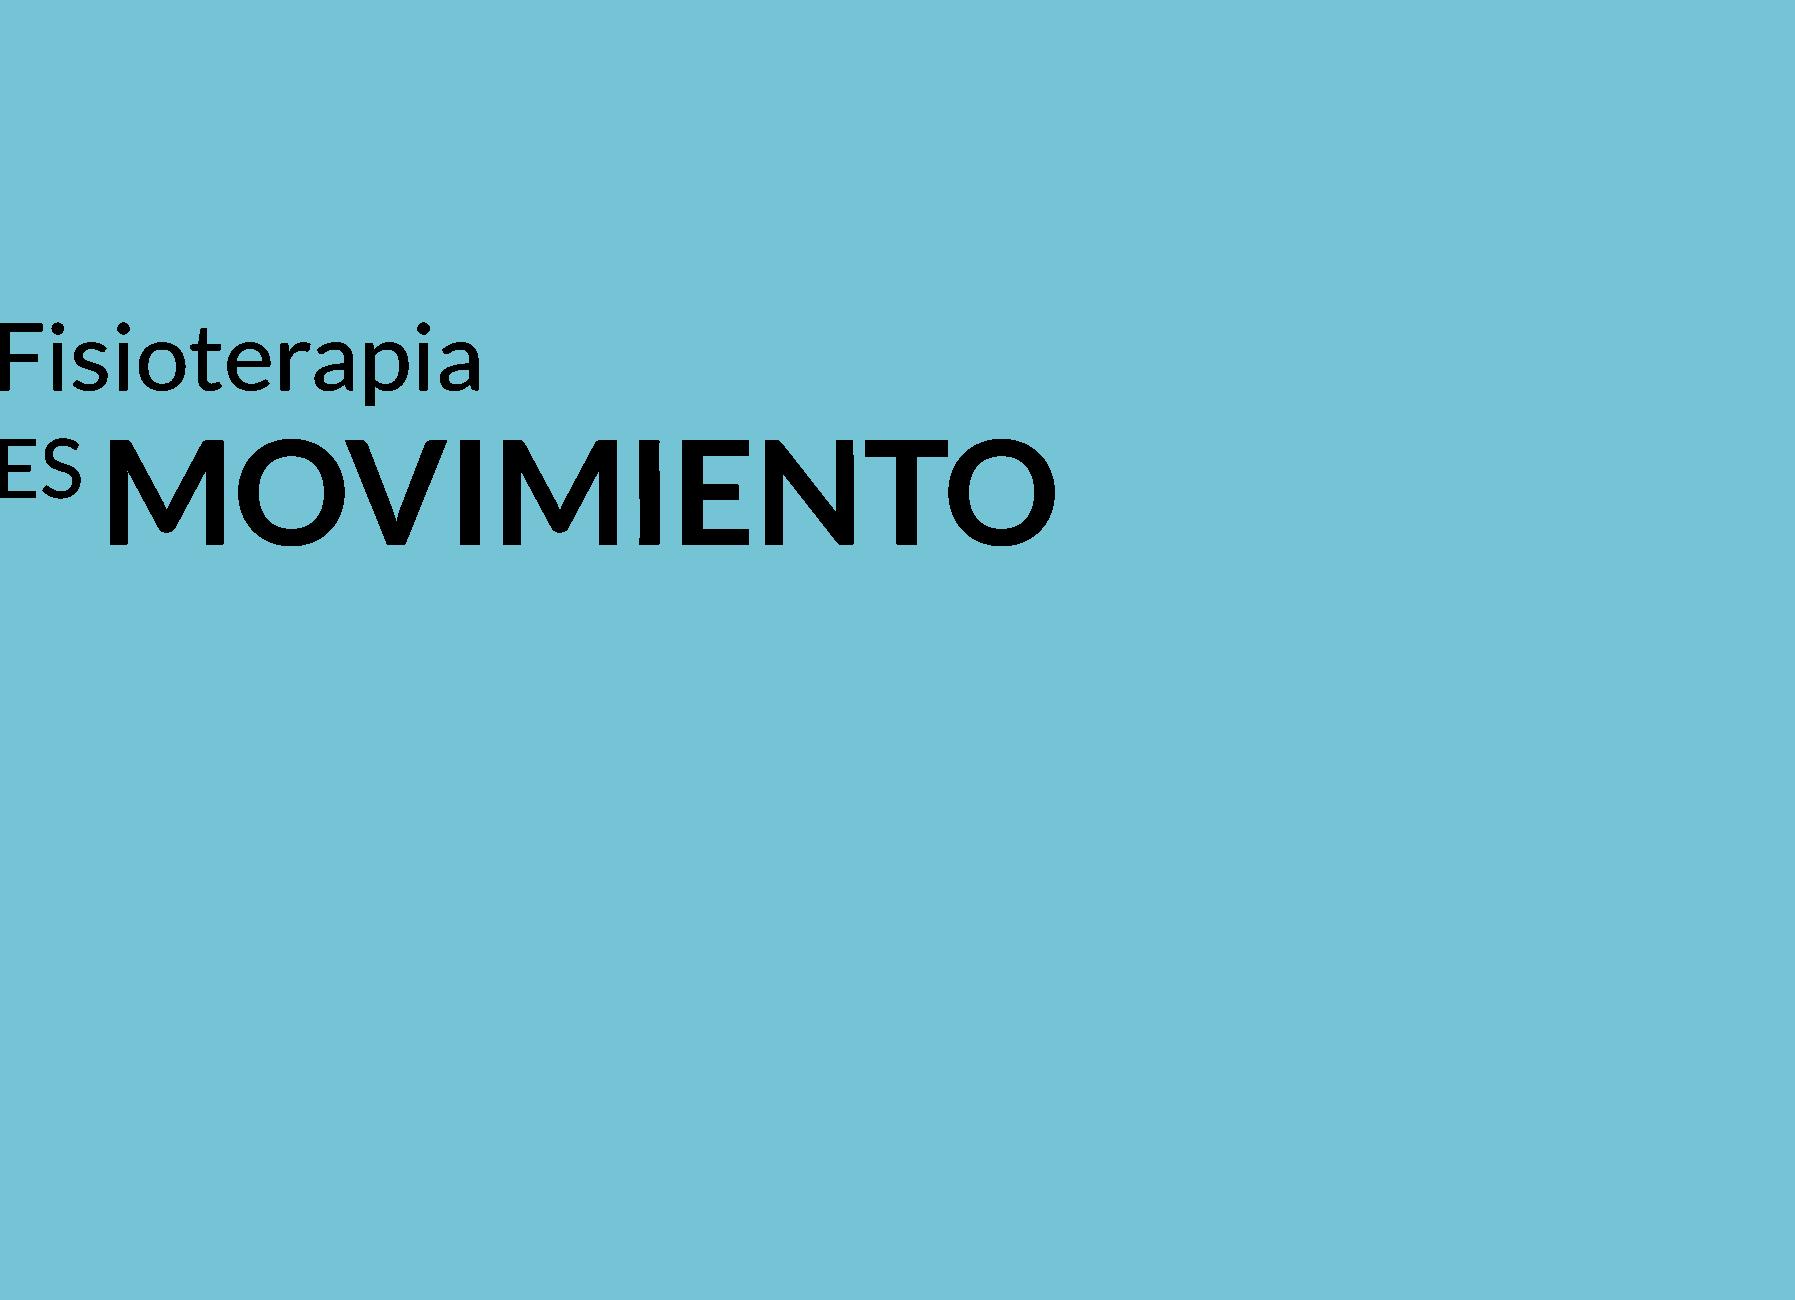 Fisioterapeutas en Valencia I Clínica Fisioterapia es Movimiento